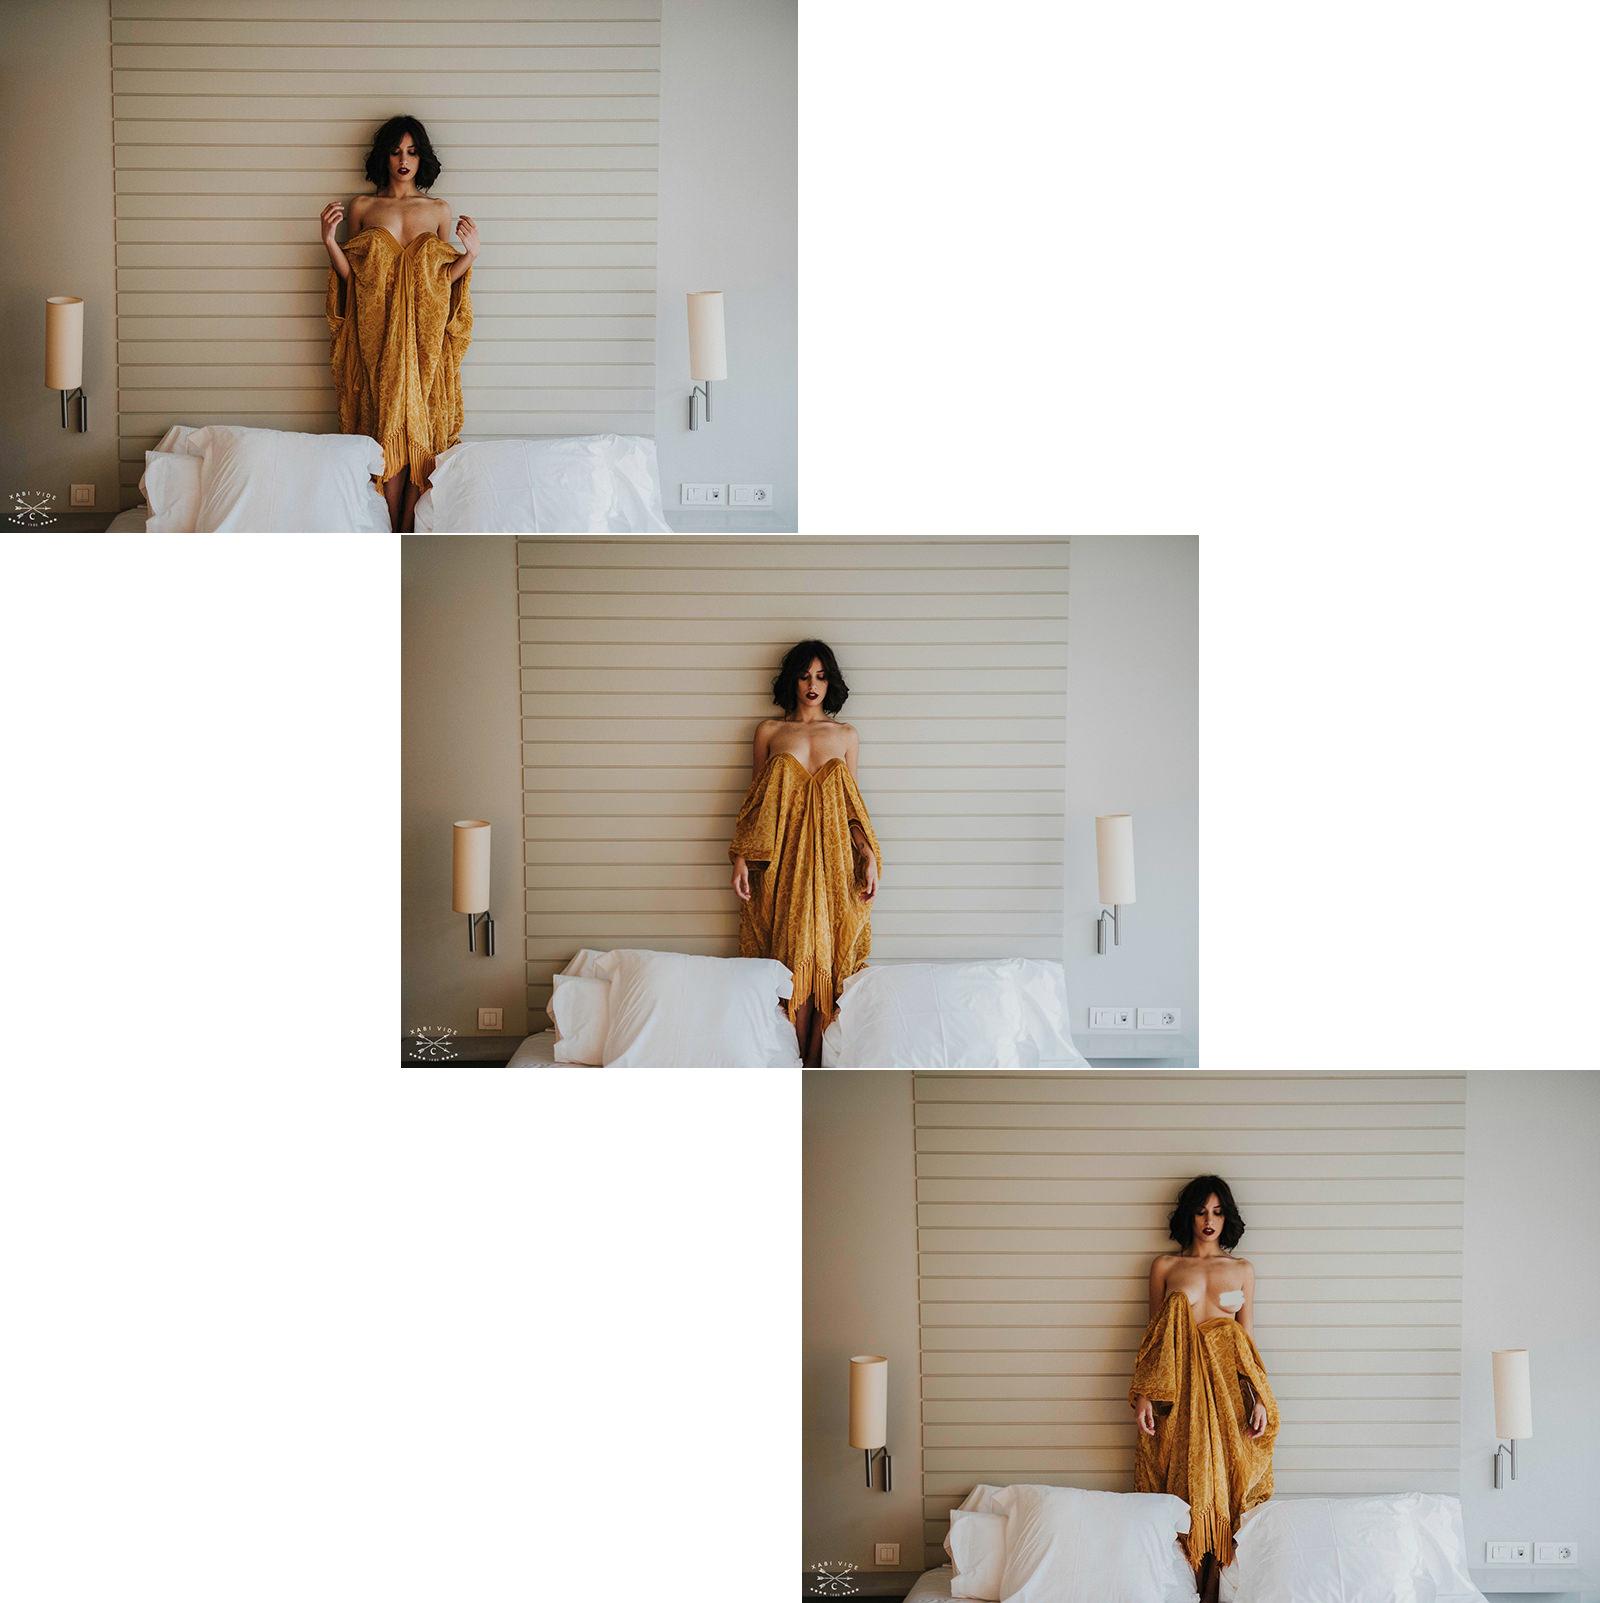 oihane_boudoir_xabivide-45